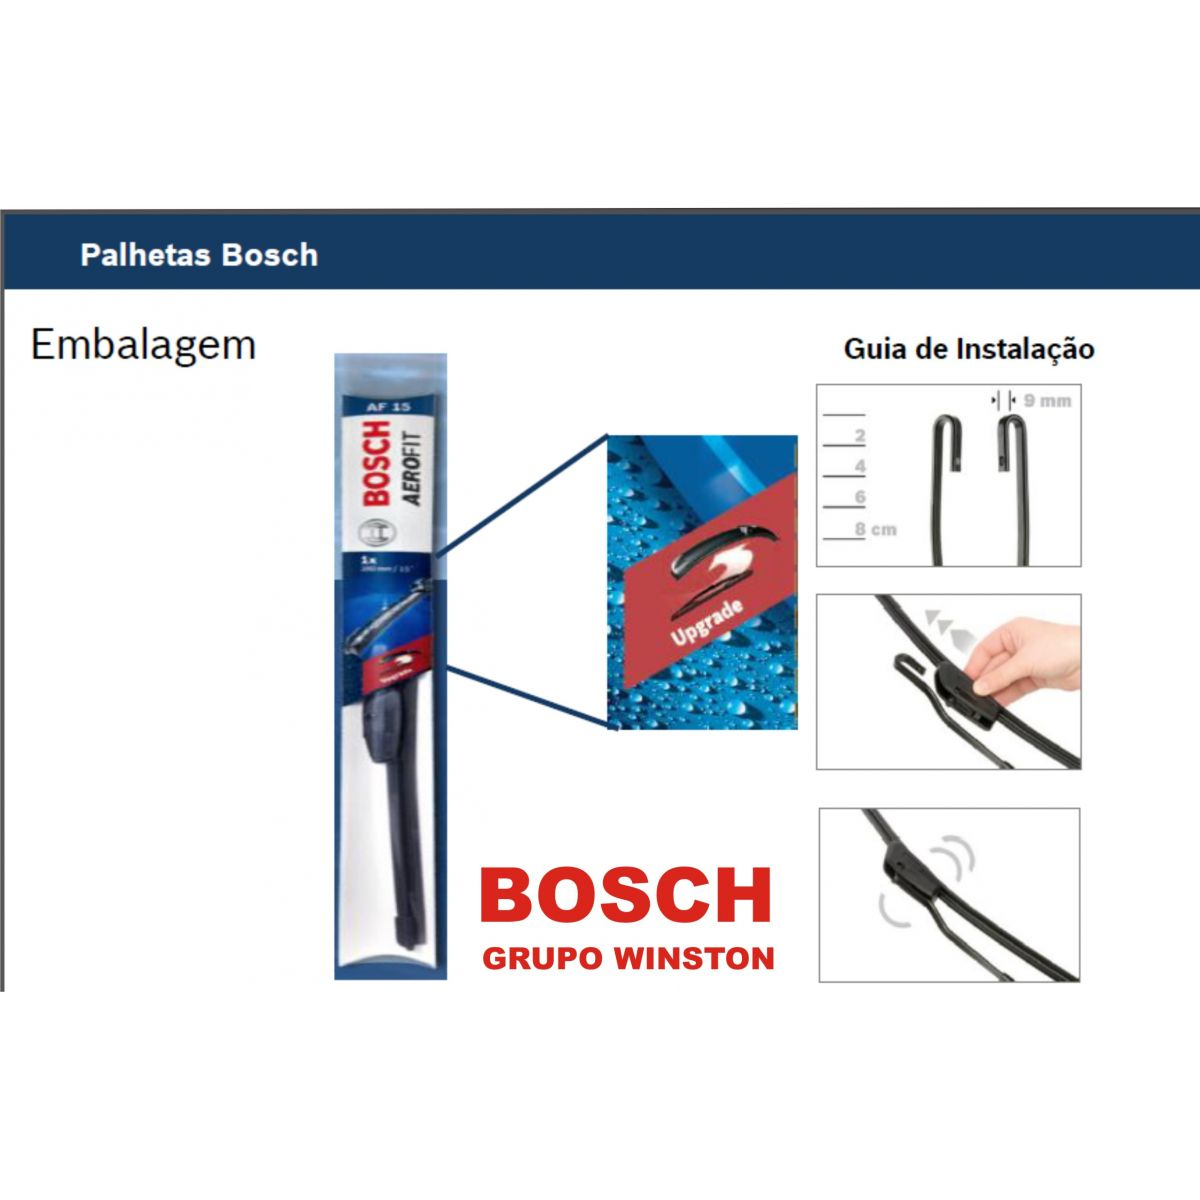 Palheta Bosch Aerofit Limpador de para brisa Bosch TOYOTA Corolla 2008 a 2013 Prius 2013 em diante